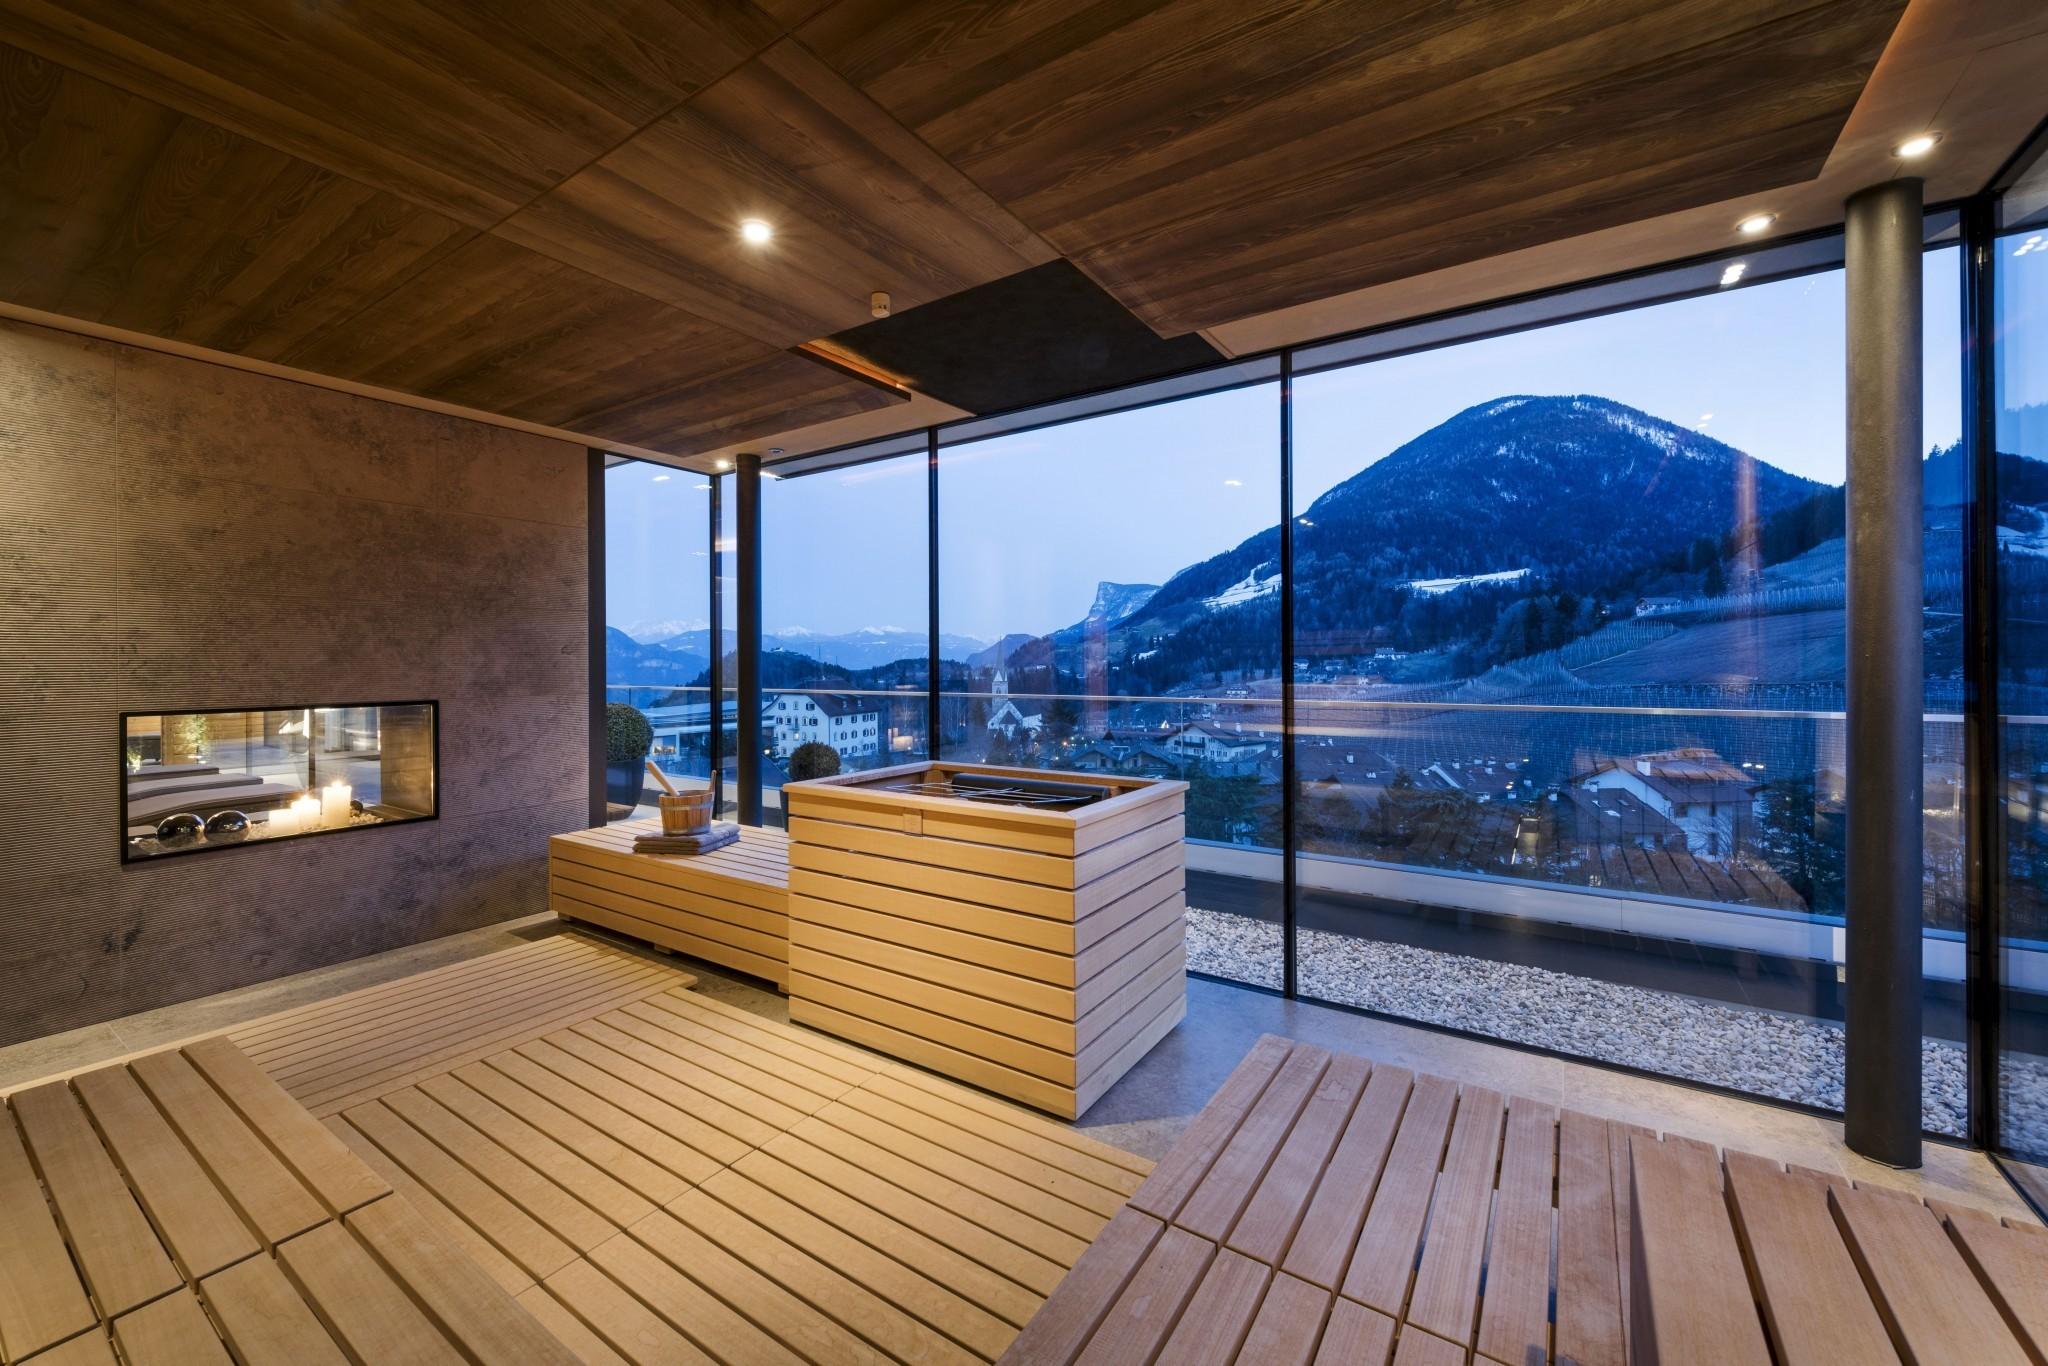 schwimmen im mondschein night spa. Black Bedroom Furniture Sets. Home Design Ideas